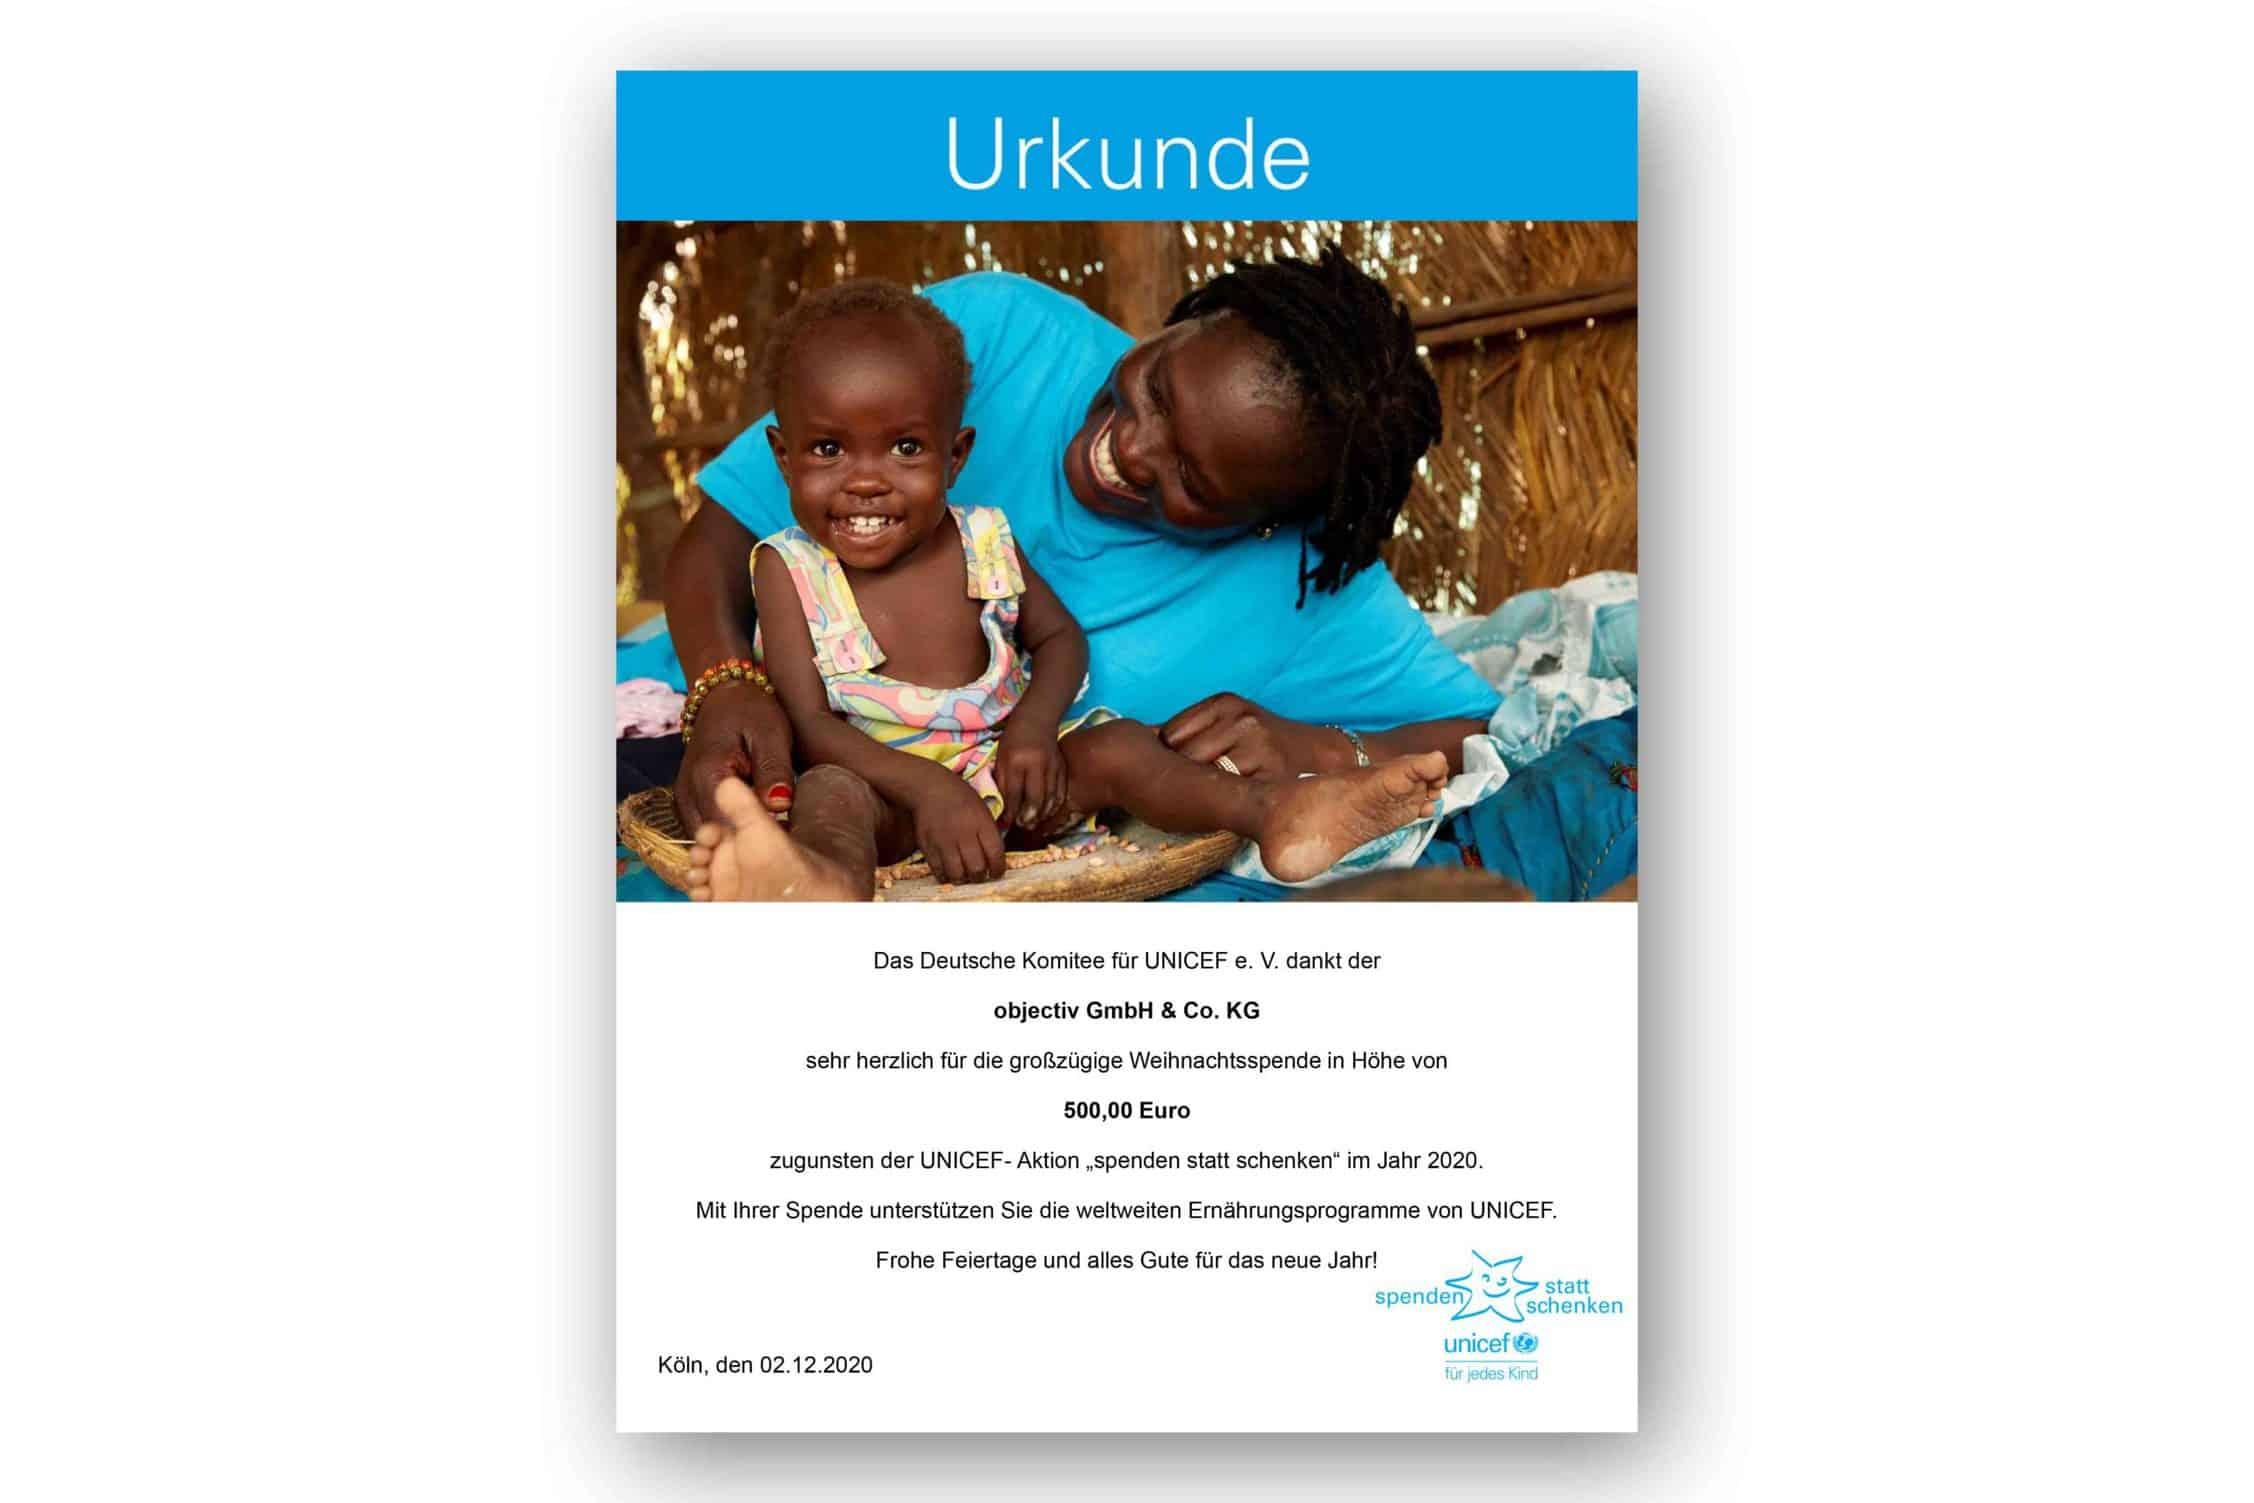 Spendenurkunde von Unicef für objectiv / spenden statt schenken